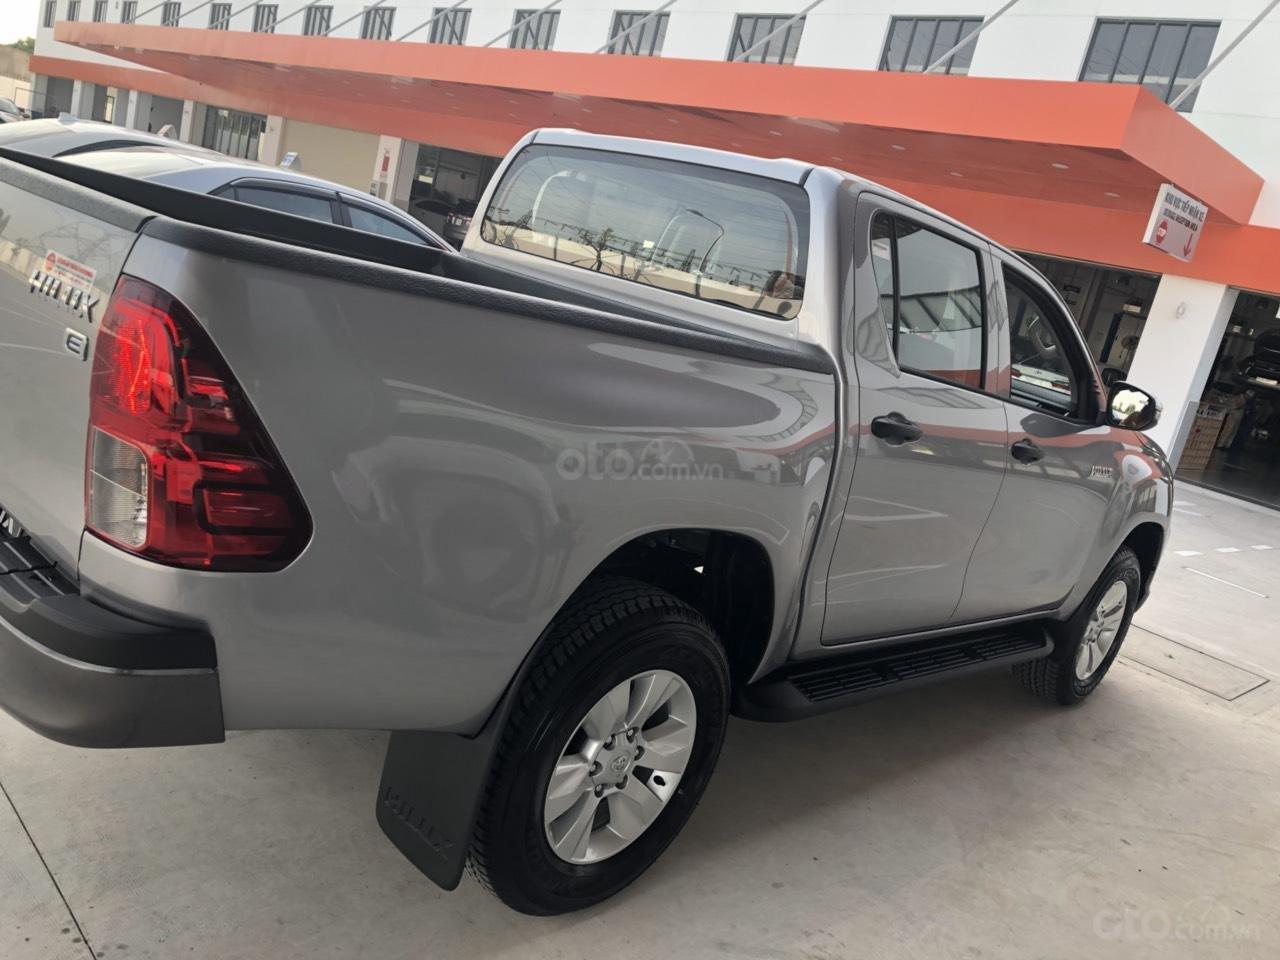 Bán Toyota Hilux 2.4 số sàn đời 2019, màu bạc, nhập khẩu nguyên chiếc (2)